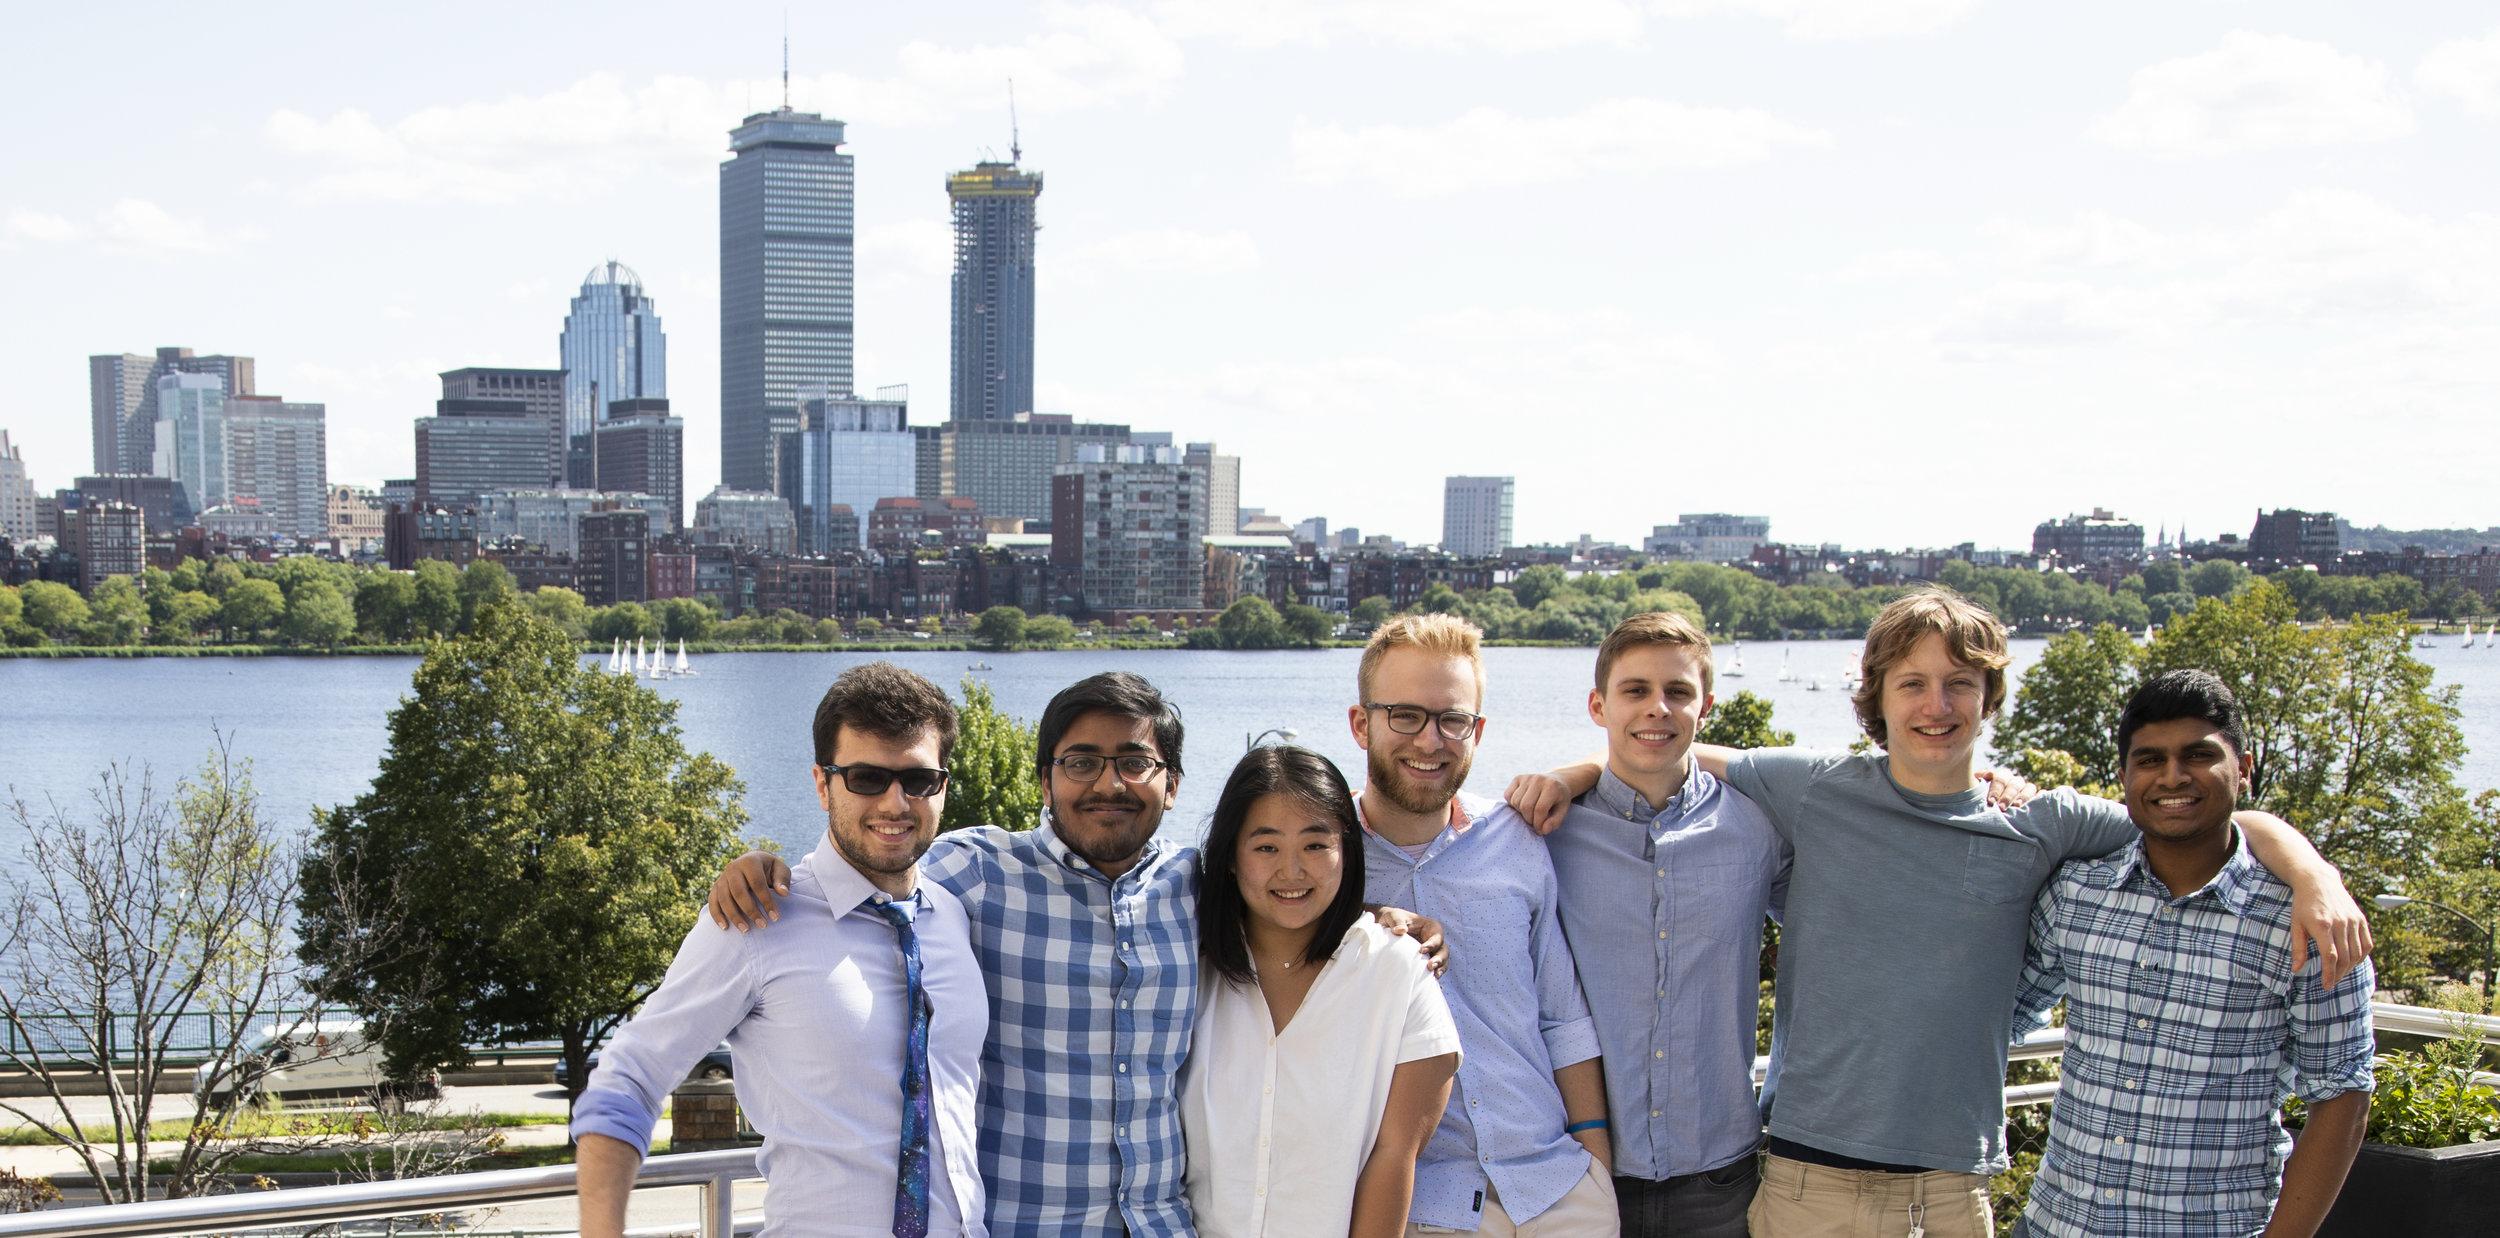 From Left to Right: Kliment Serafimov (MIT2020), Sathvik Birudavolu (UMass Amherst2021), me!, Sean Kelley (UMass Amherst2020), Cowboy Lynk (MIT2020), Alex Fischer (UMass Amherst2020), Saarthi Jethi (BU2020)